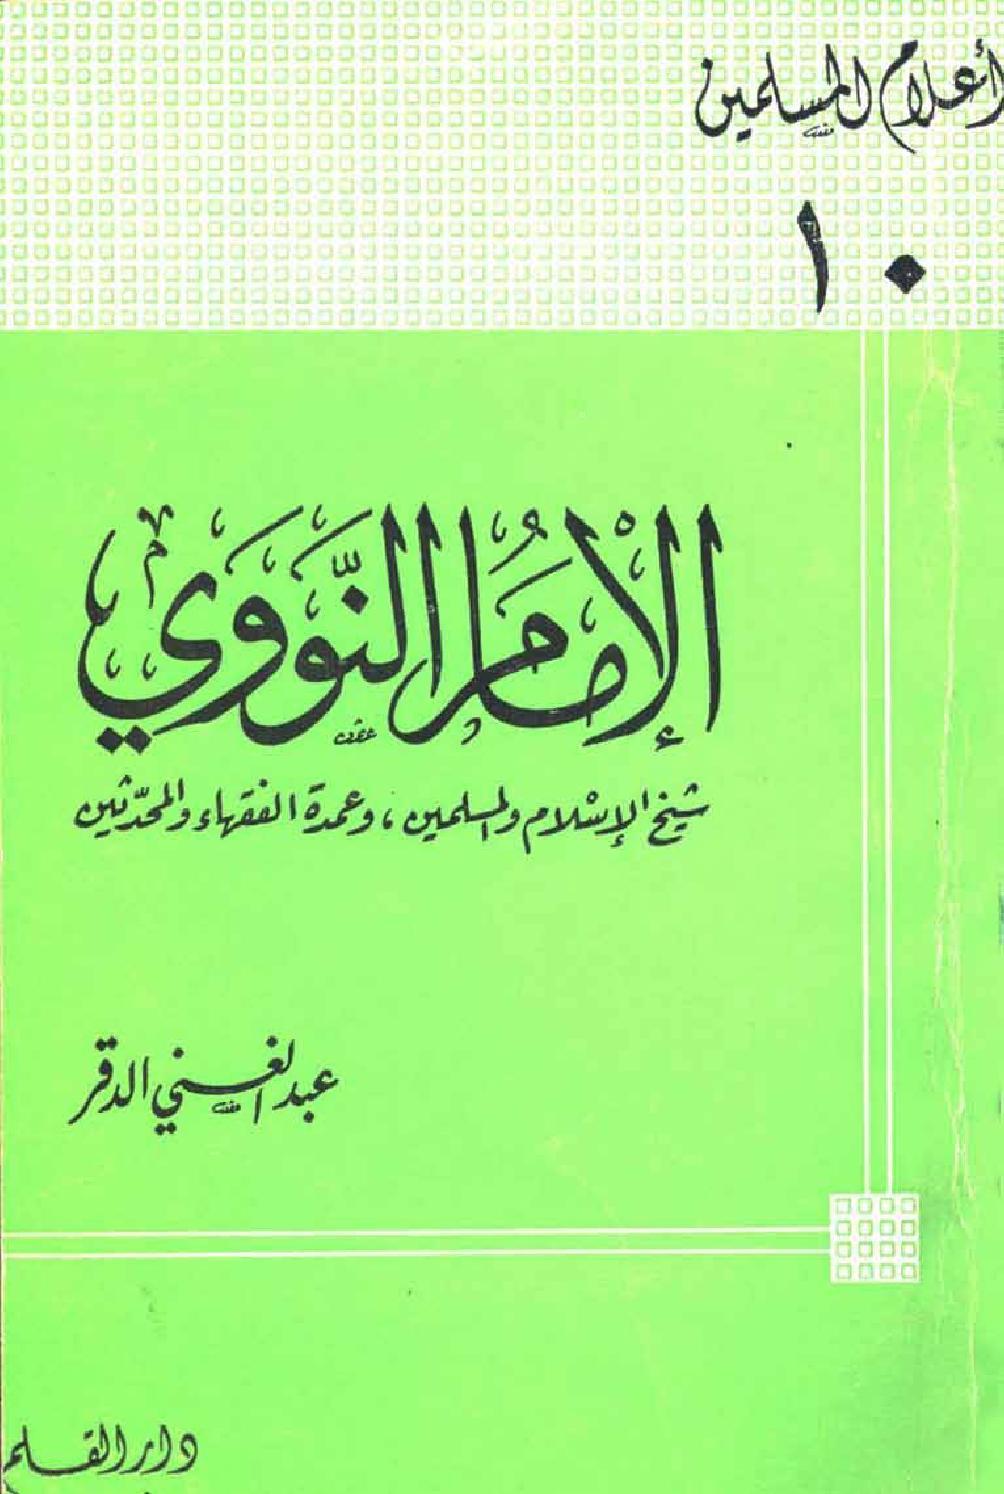 الإمام النووي شيخ الإسلام والمسلمين وعمدة الفقهاء والمحدثين لـ عبد